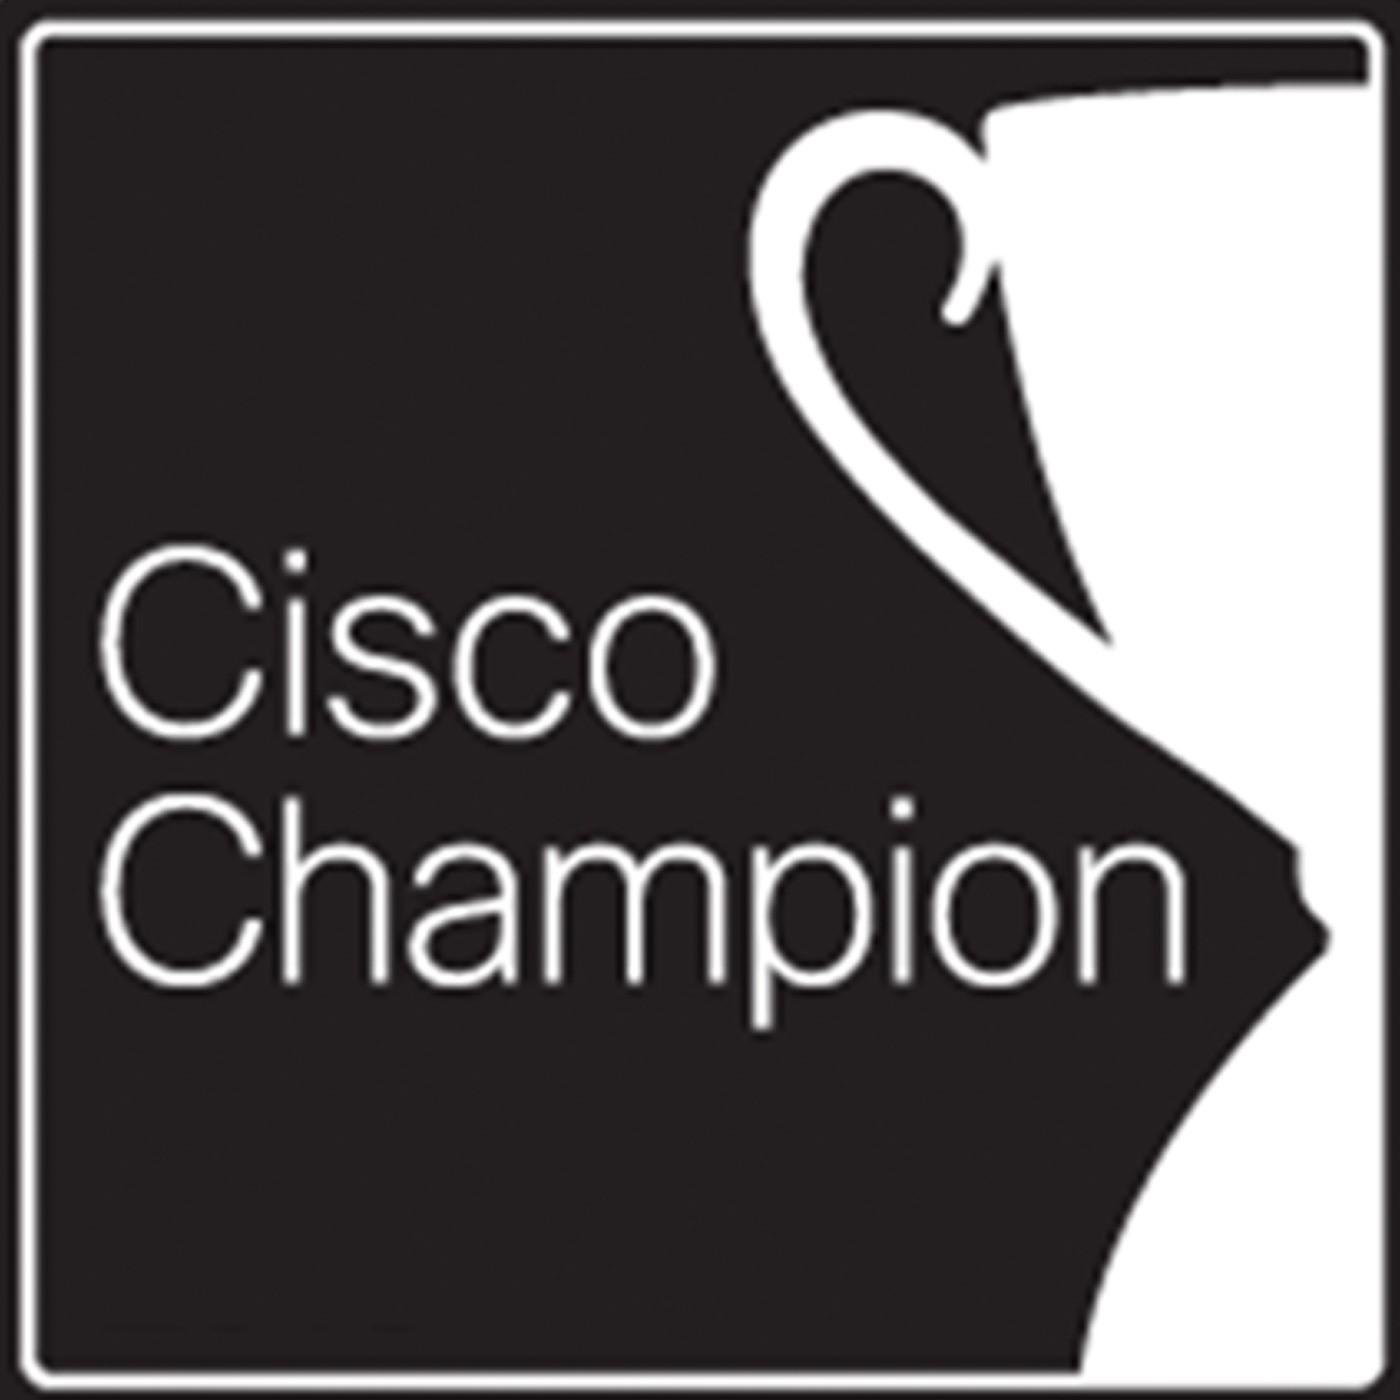 Cisco Champion icon